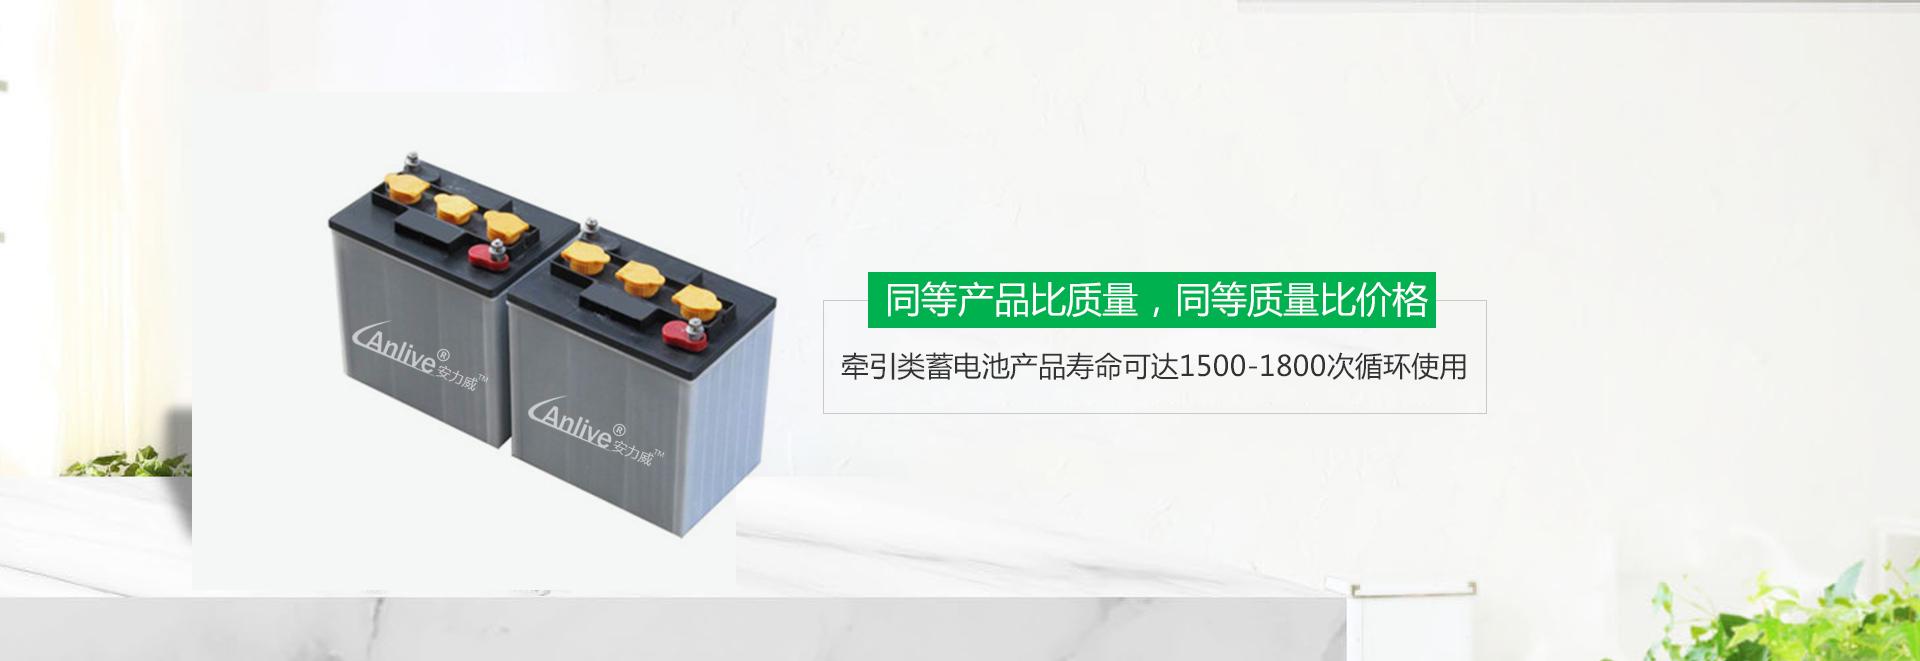 重慶叉車蓄電池廠家